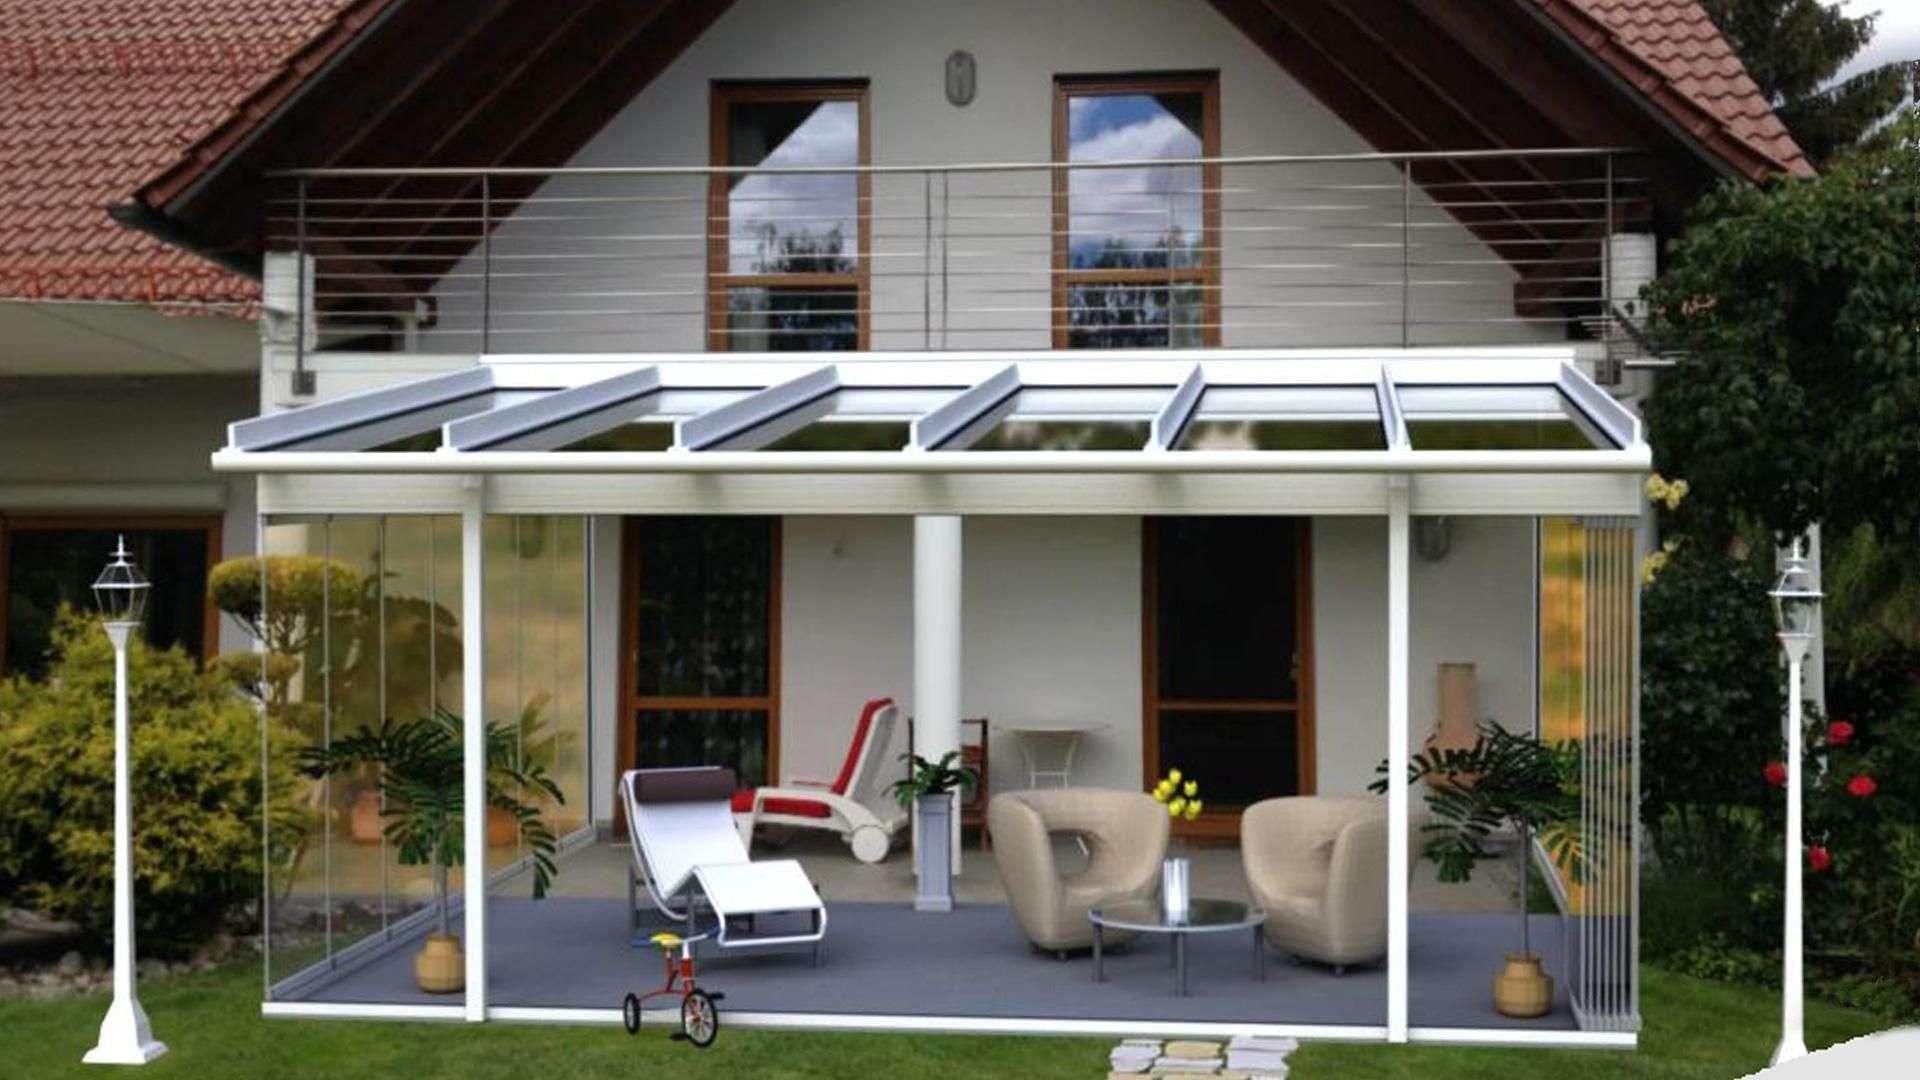 Visualisierung eines Wintergartens auf einer Terrasse an einem Wohnhaus